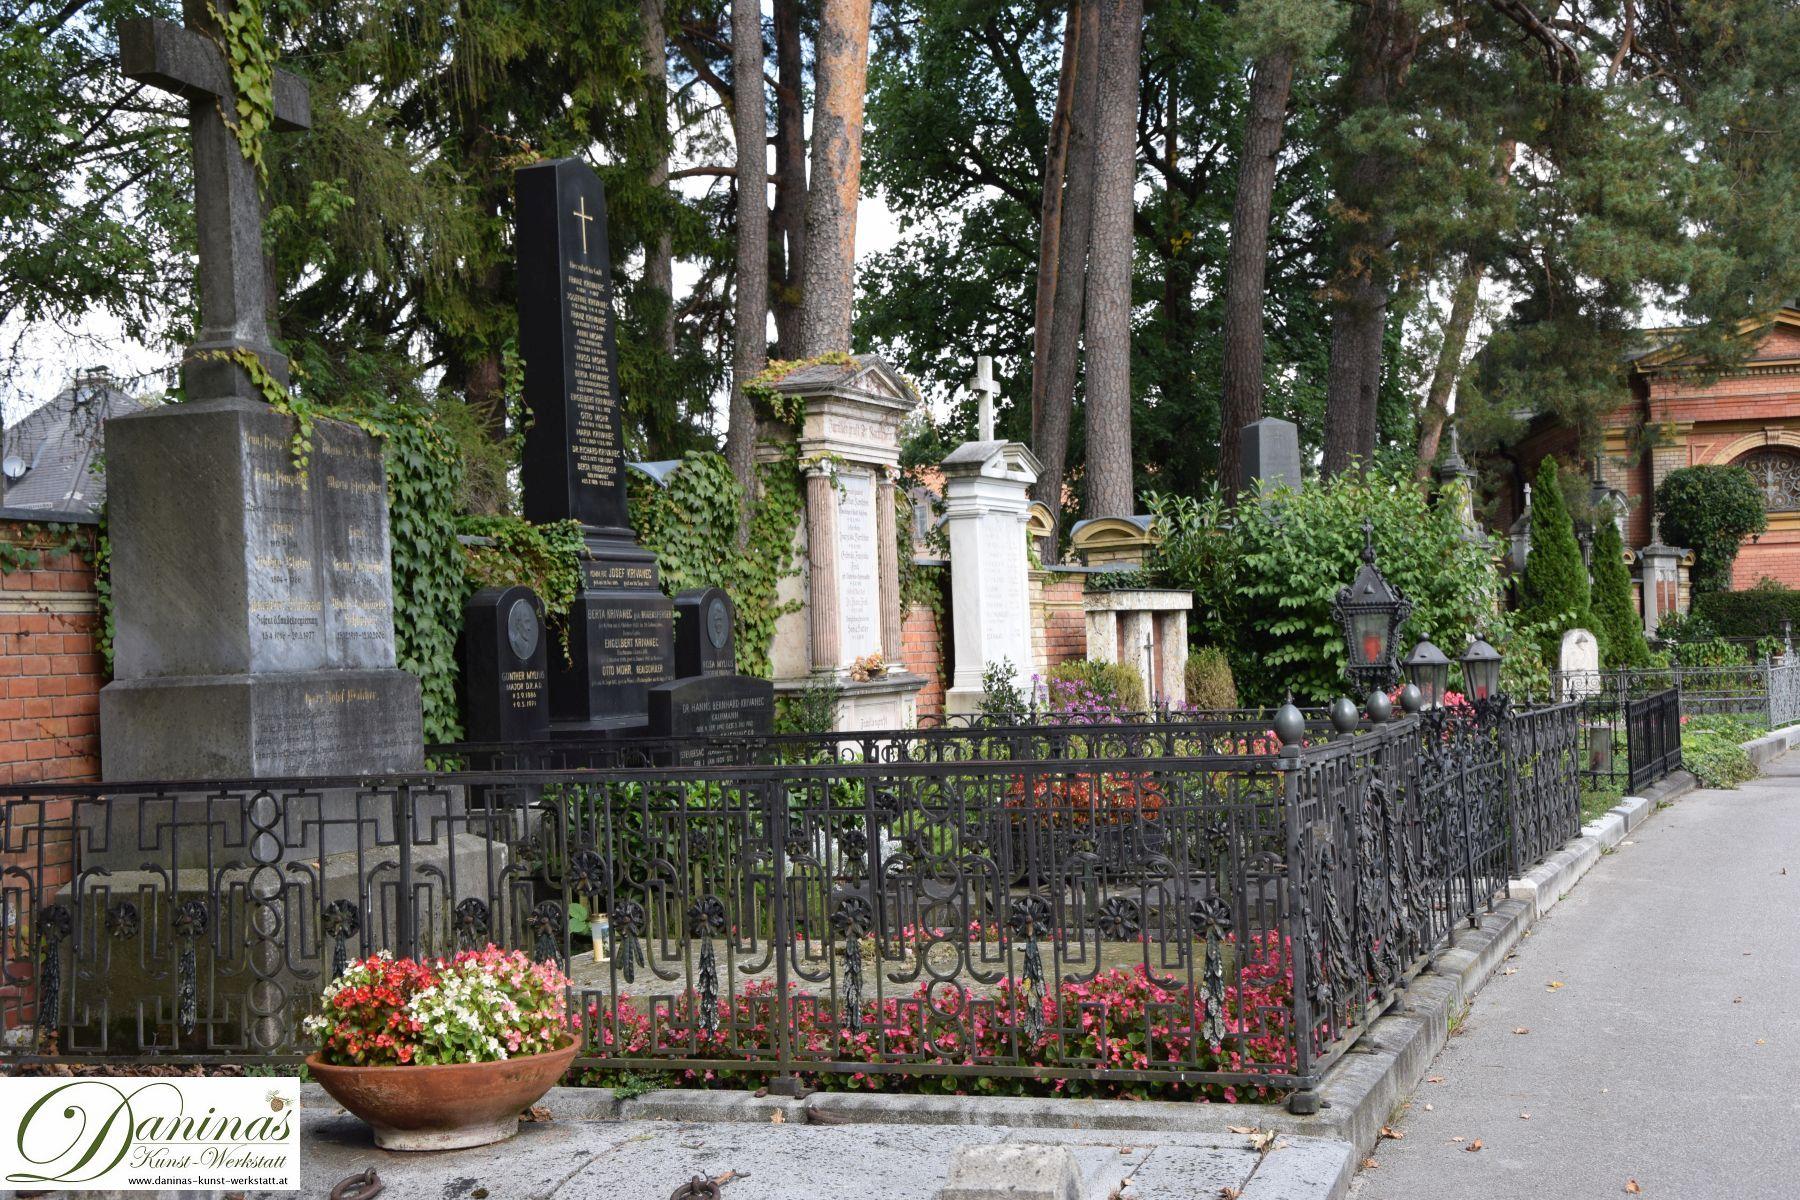 Alte prächtige Gräber und die landschaftsarchitektonische Schönheit machen den Salzburger Kommunalfriedhof einzigartig!